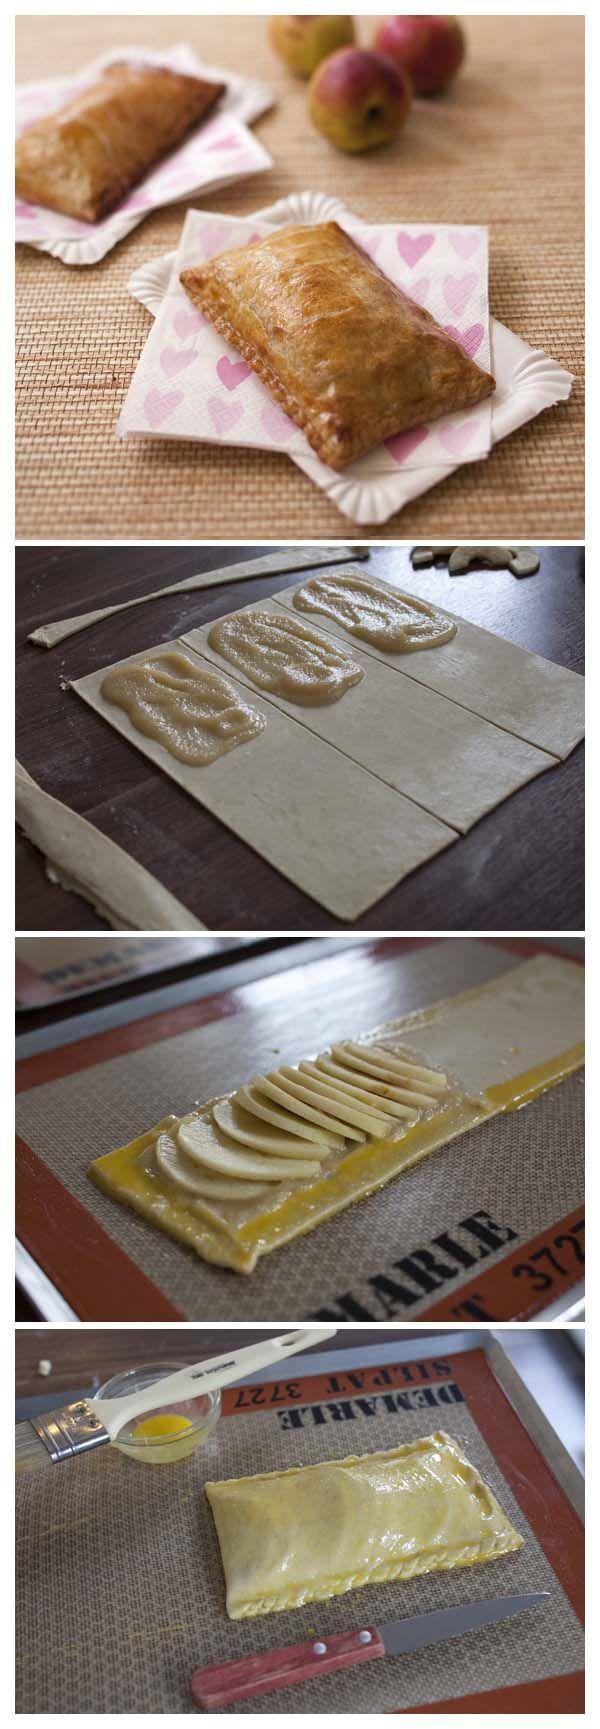 Pommé rennais - comme un chausson aux pommes - Recettes de cuisine